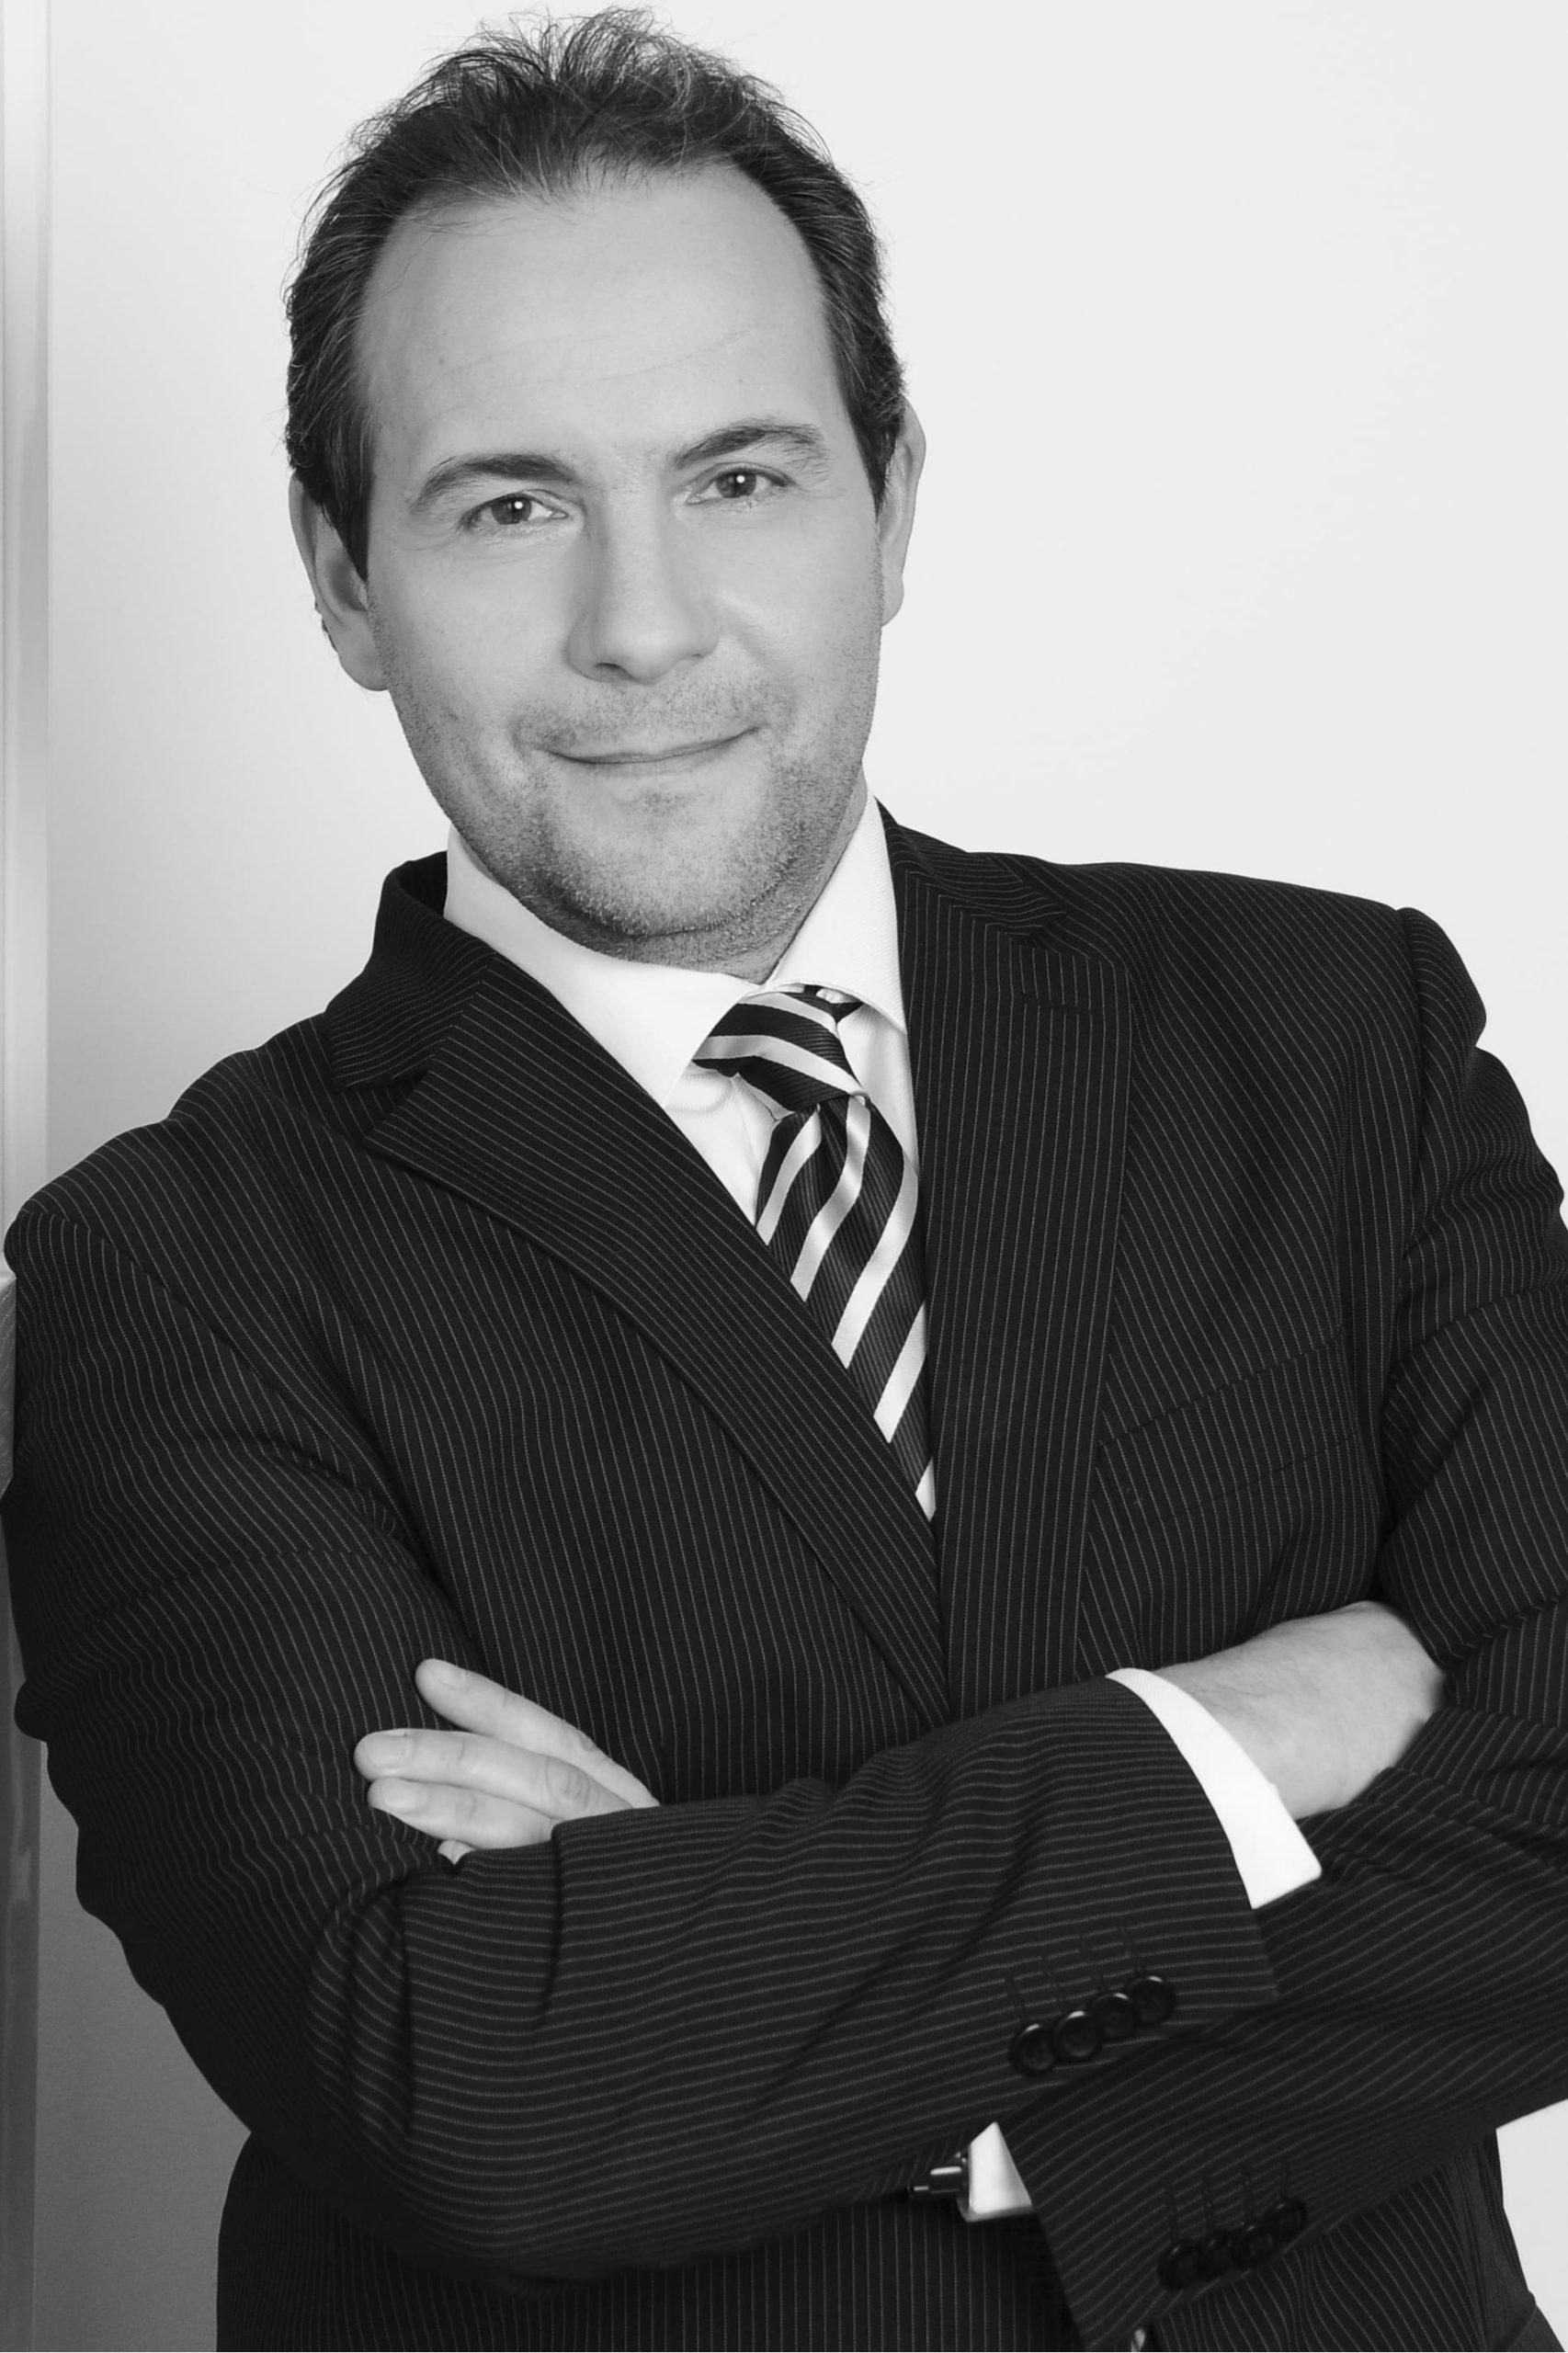 Michael Camilli